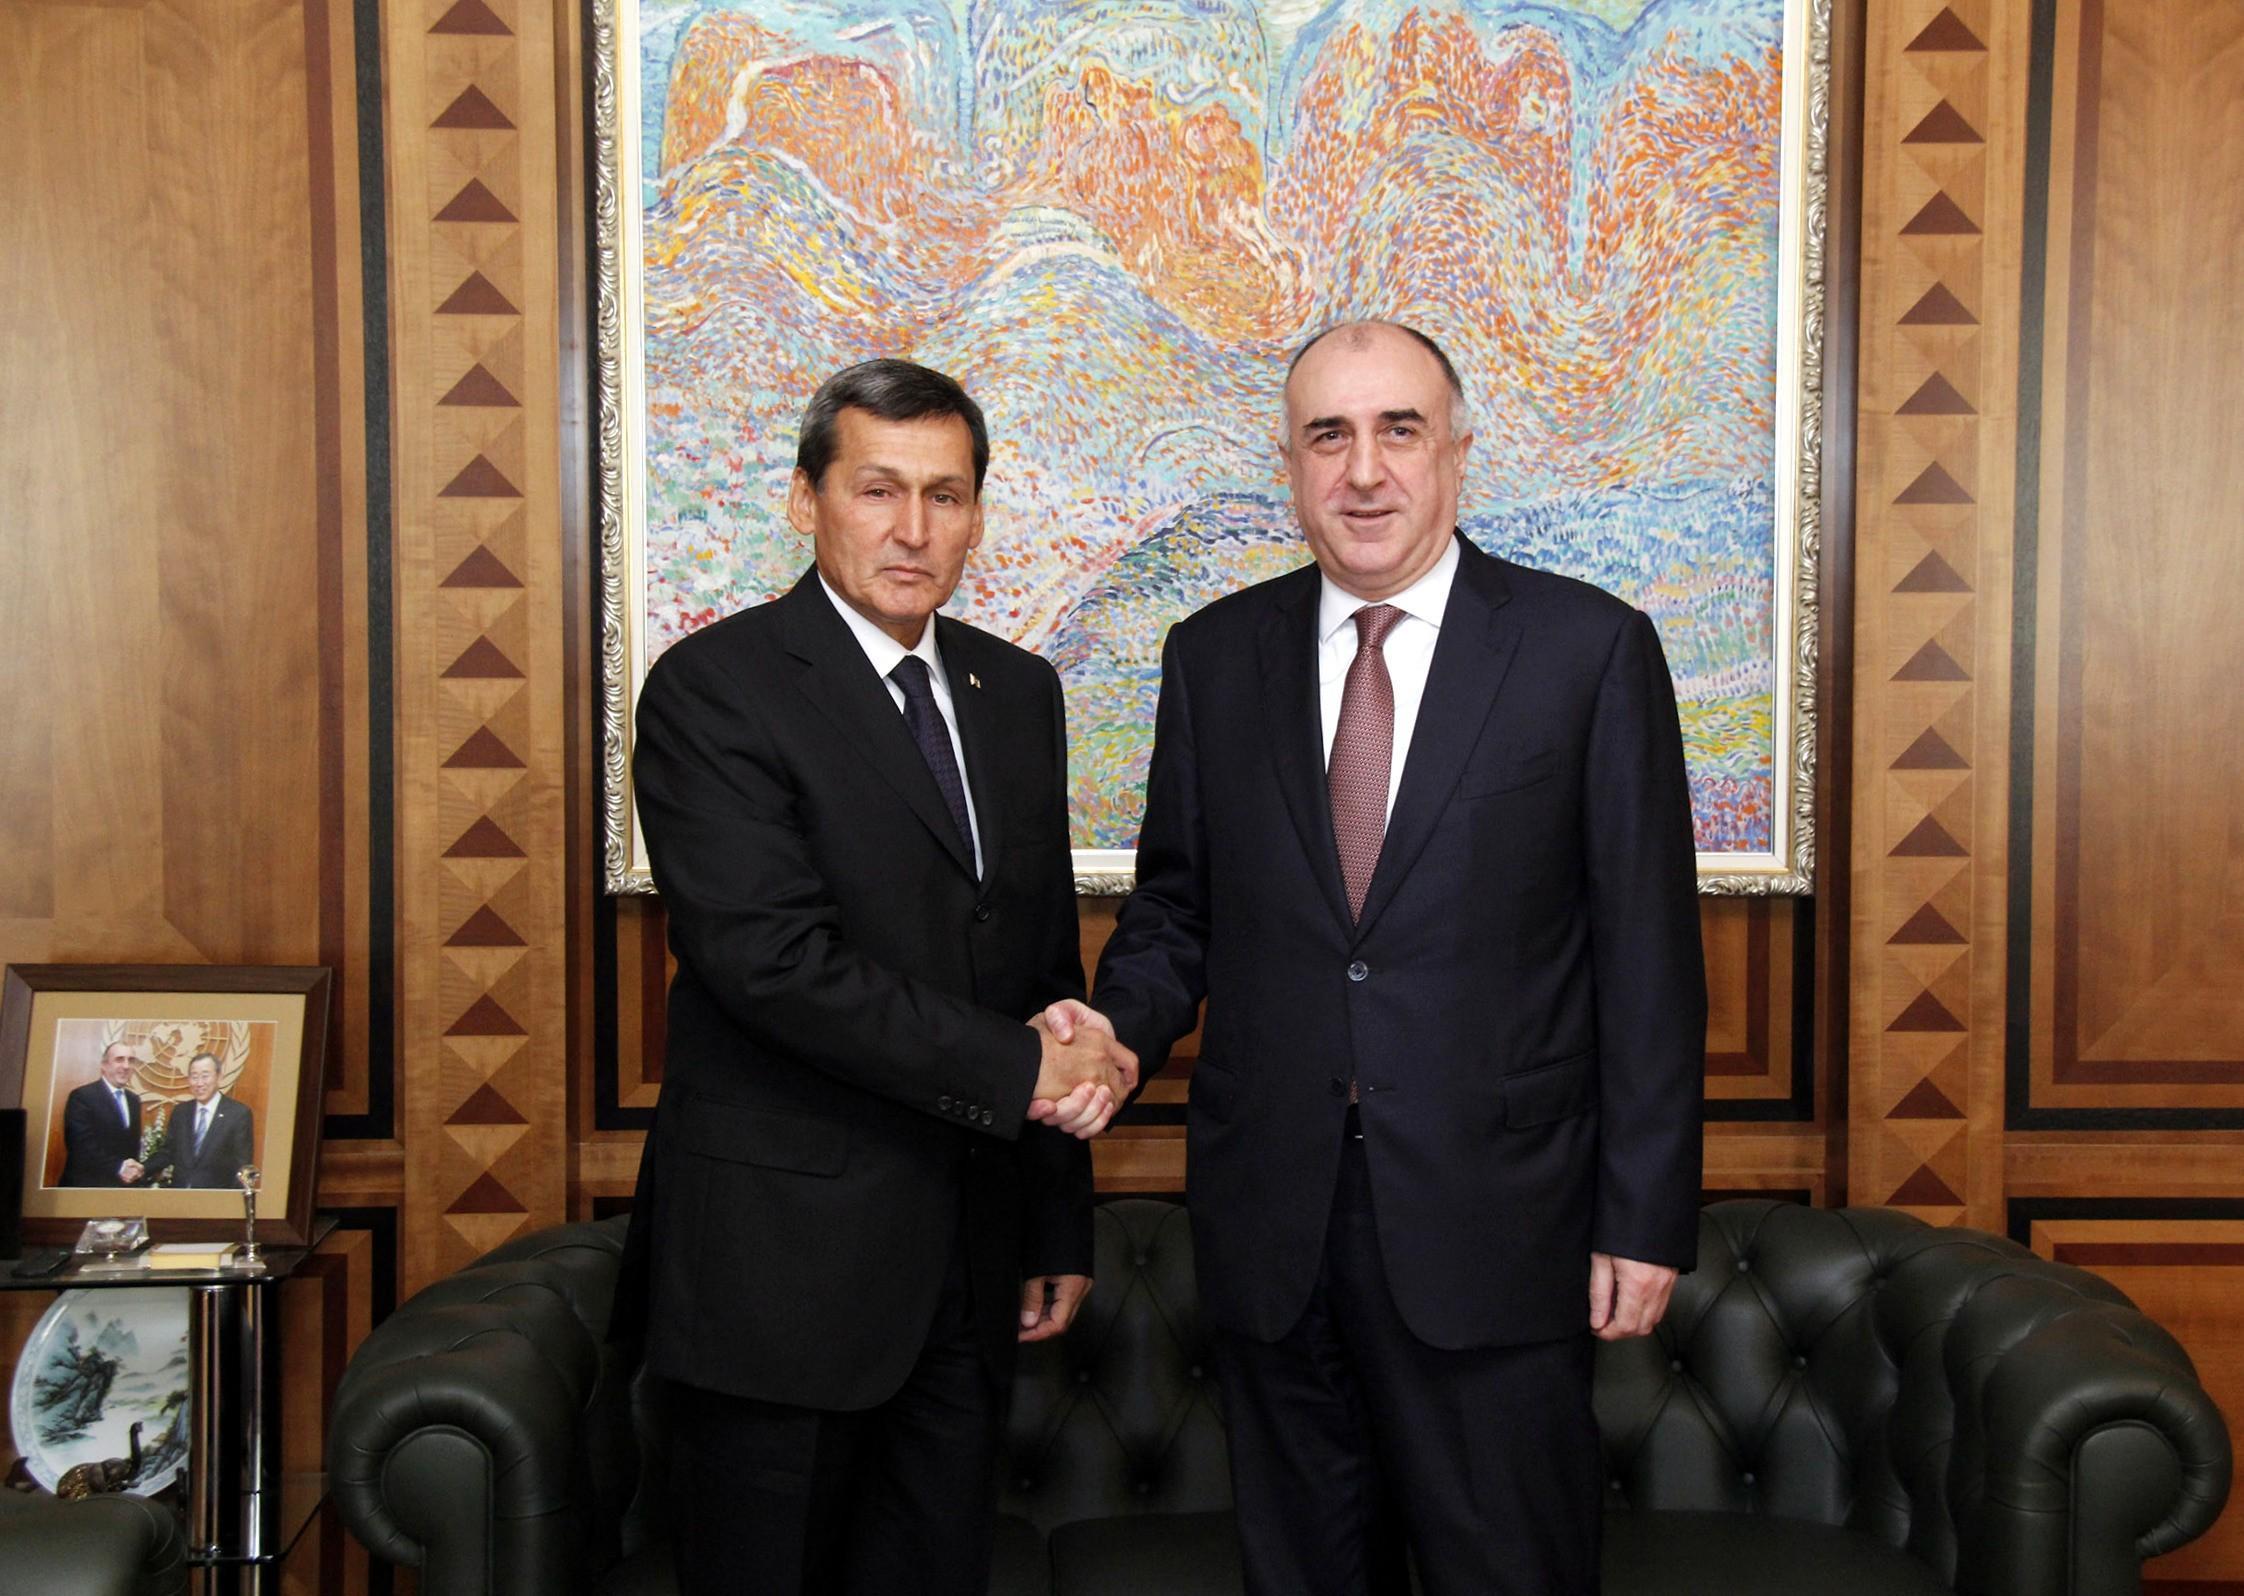 Между МИД Азербайджана и Туркменистана проведены политические консультации, подписана программа